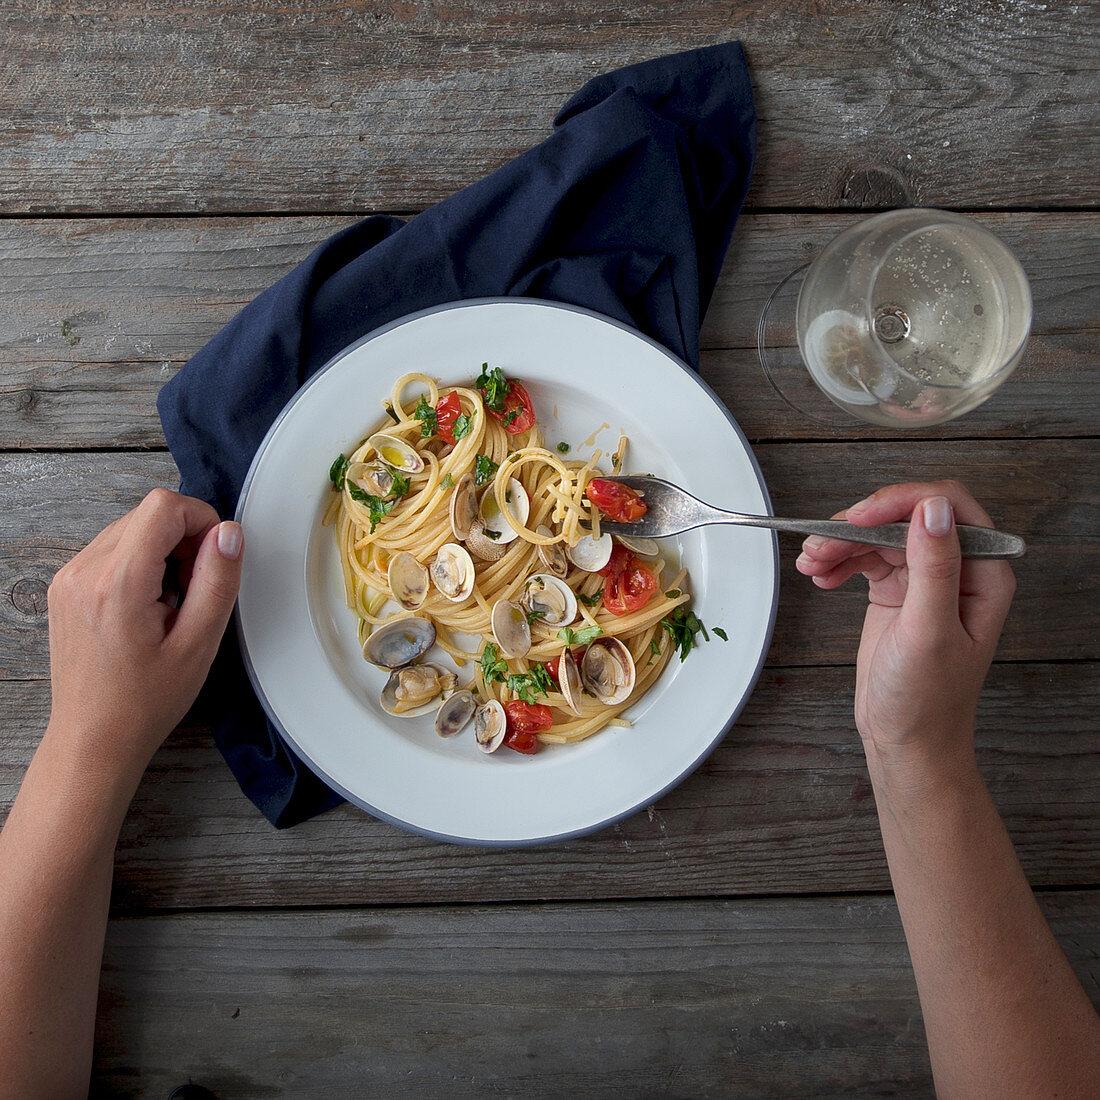 Spaghetti alle vongole (clams)